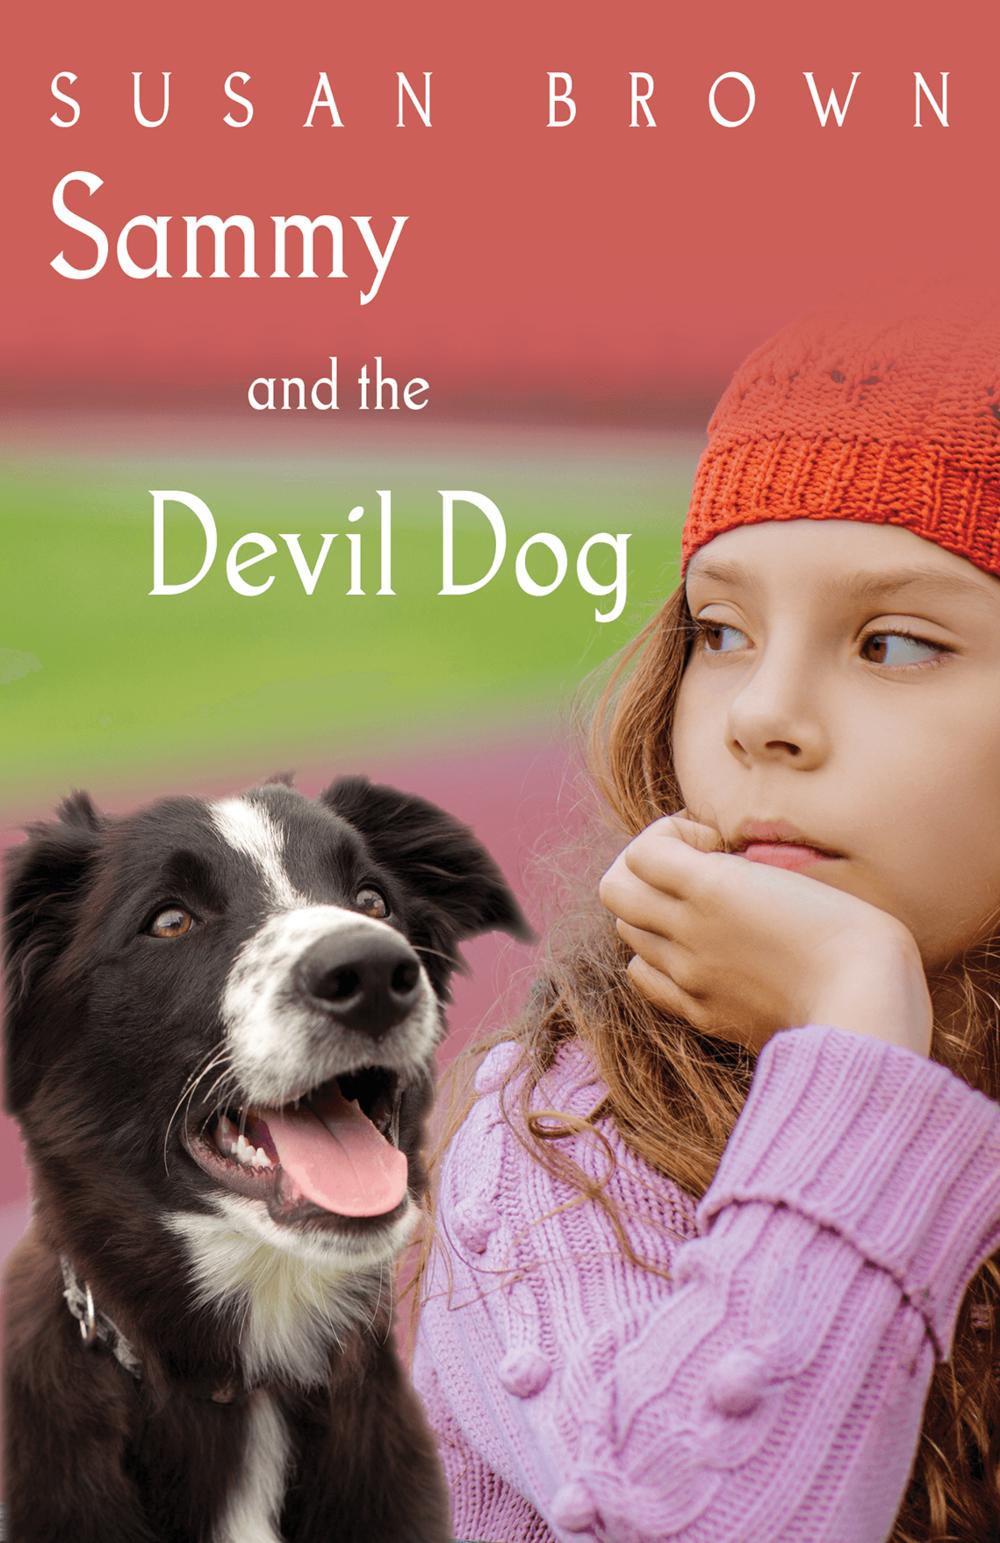 Sammy and the Devil Dog